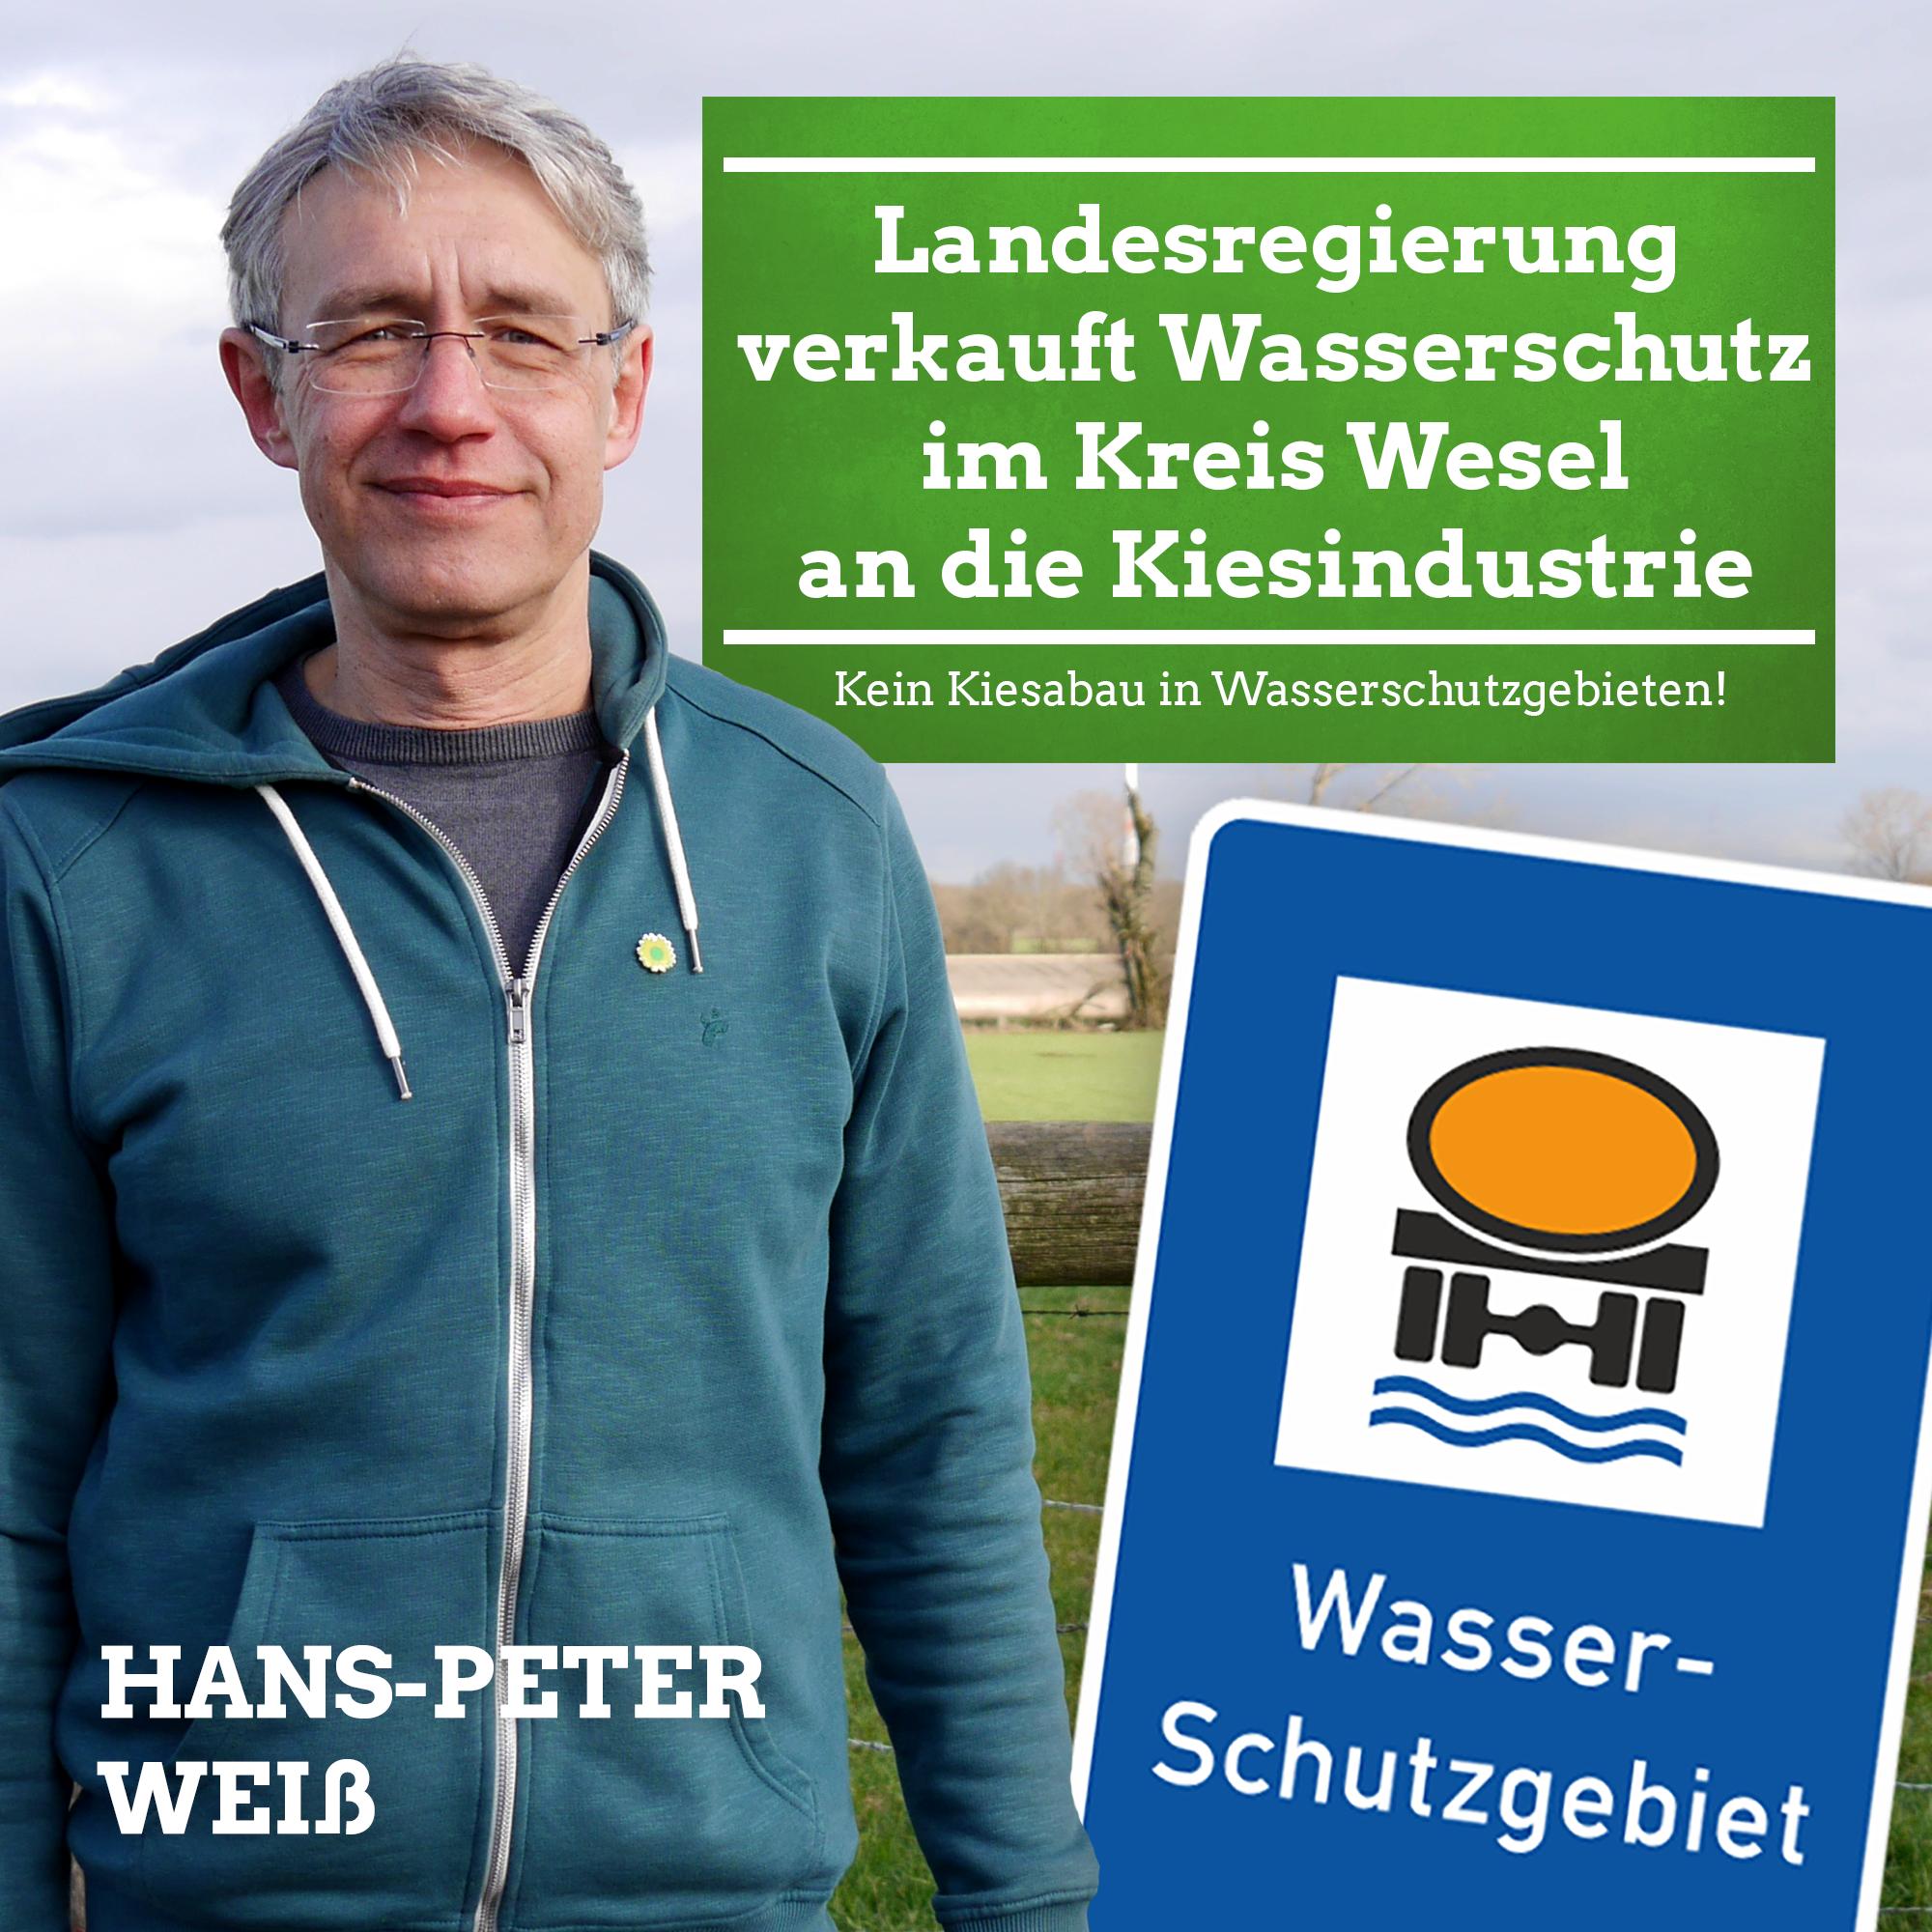 Landesregierung verkauft Wasserschutz im Kreis Wesel an die Kiesindustrie